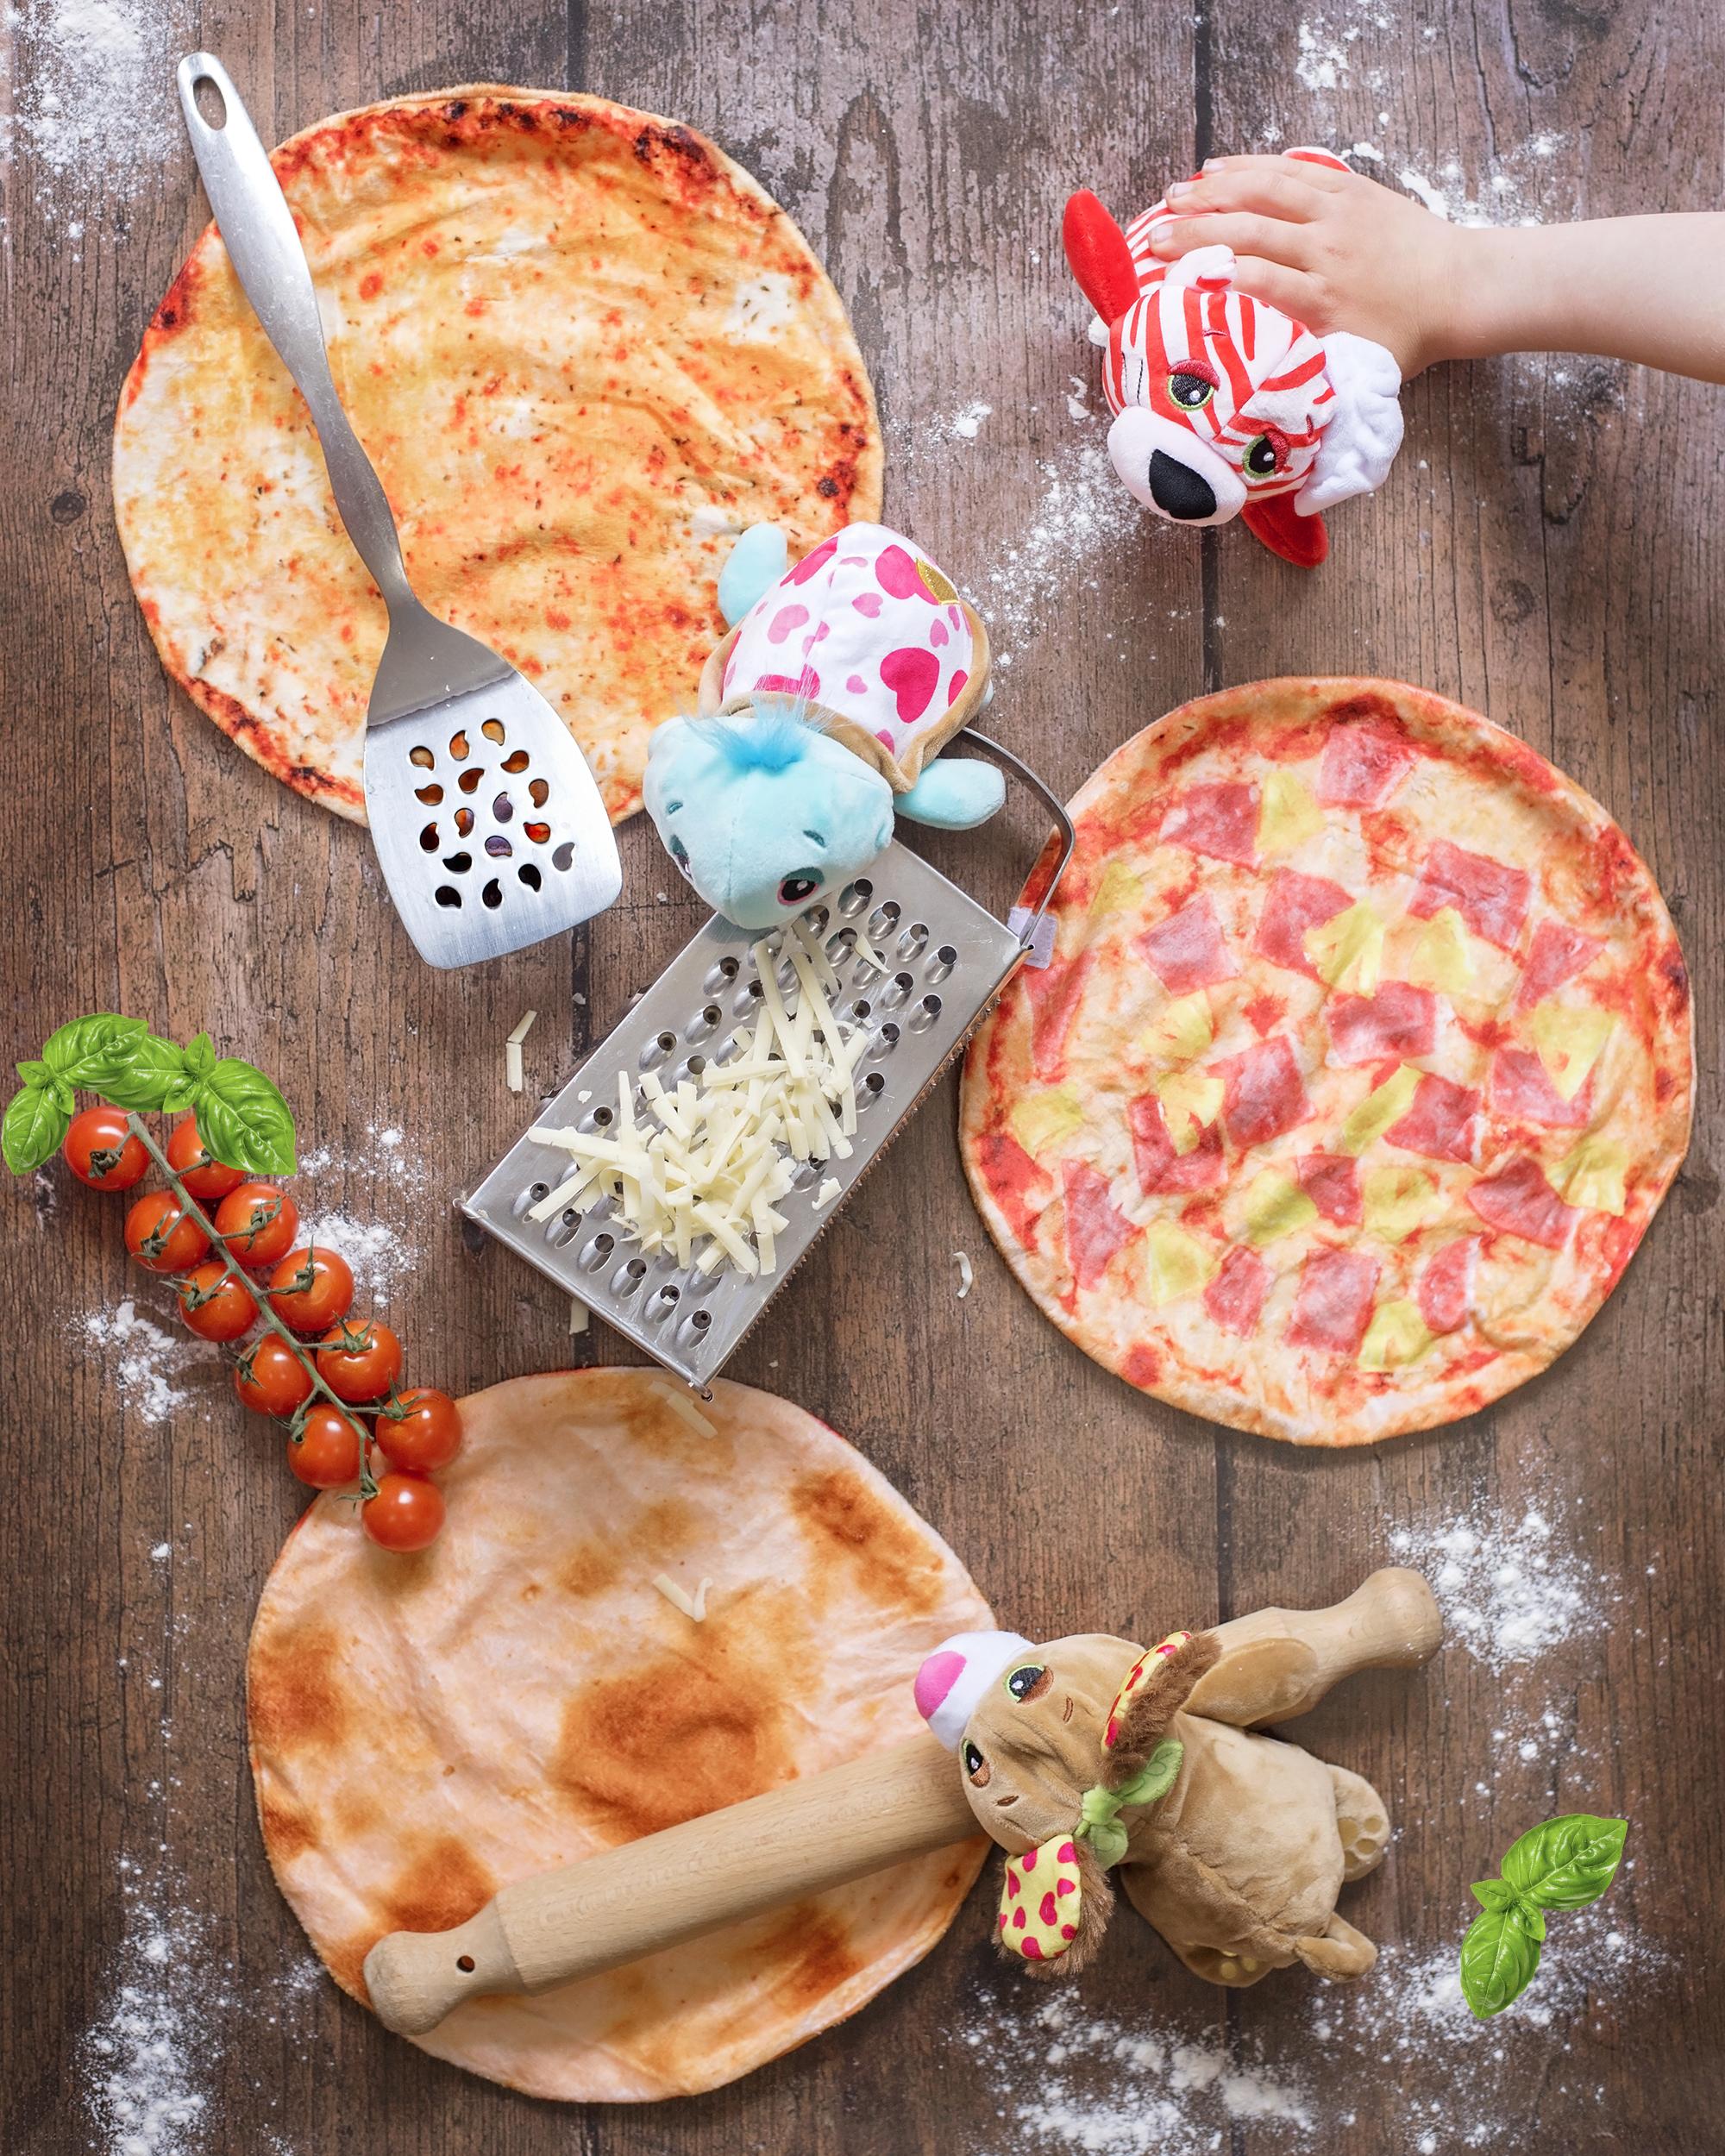 Cuteitos Pizzaitos